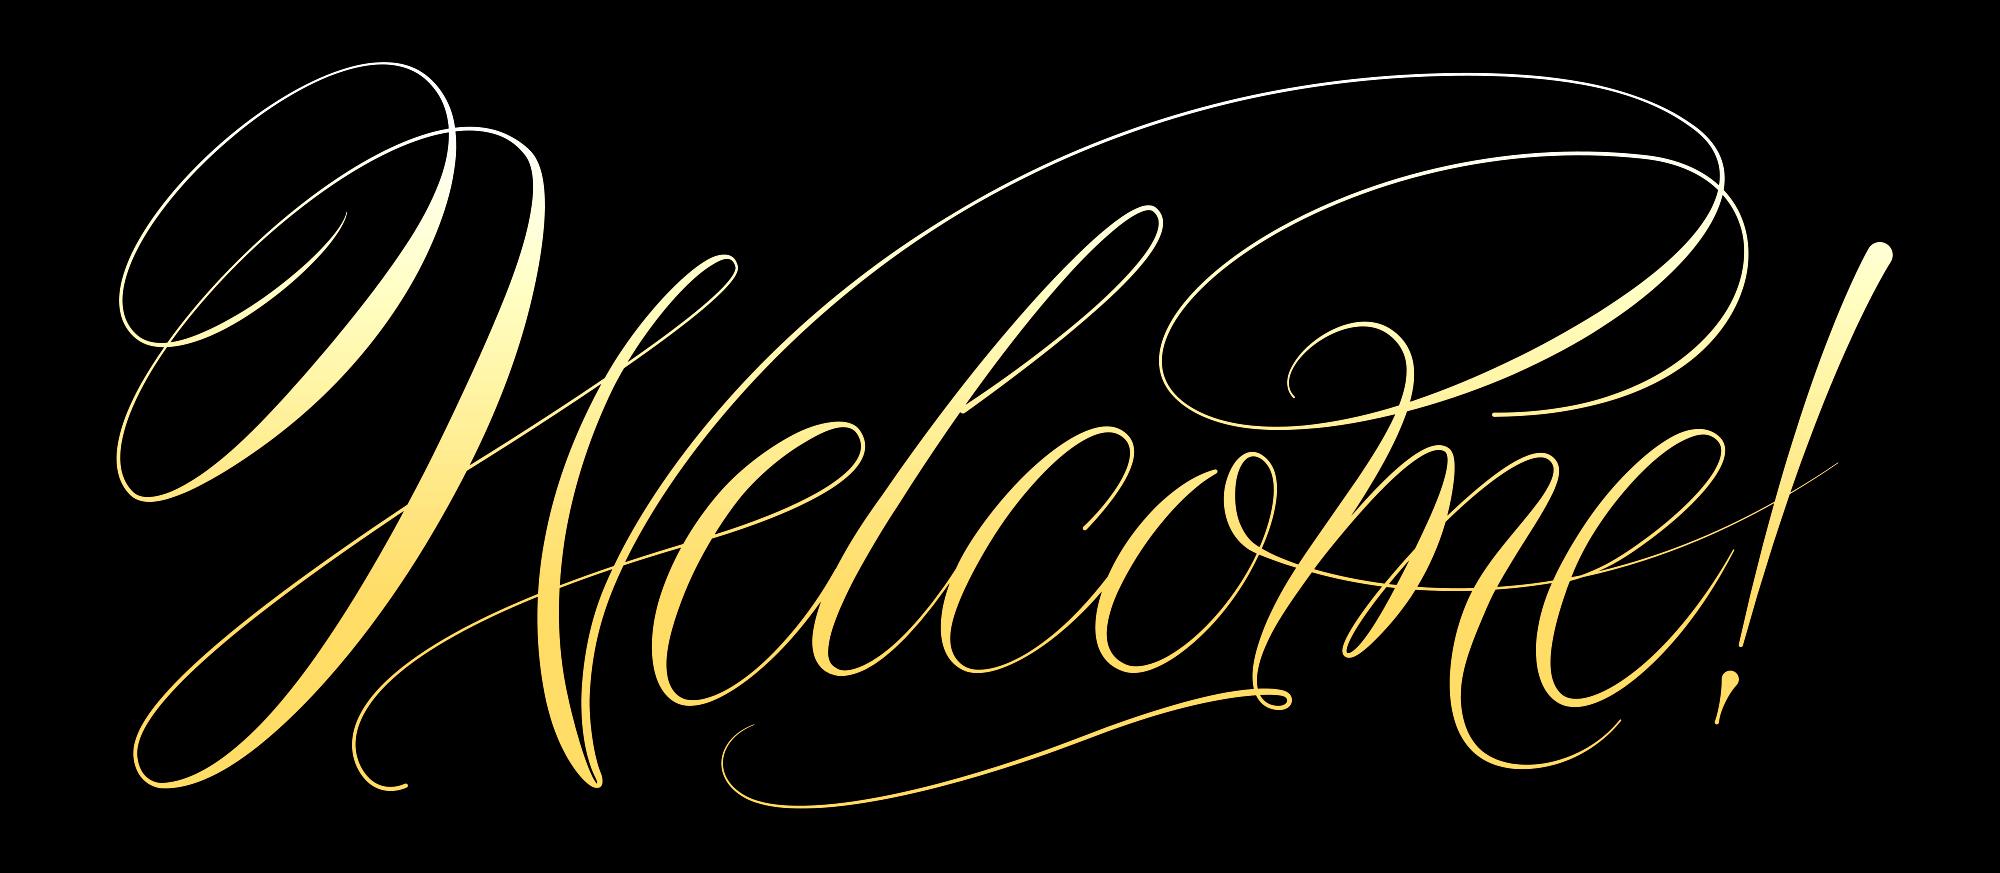 welcomeheader.jpg